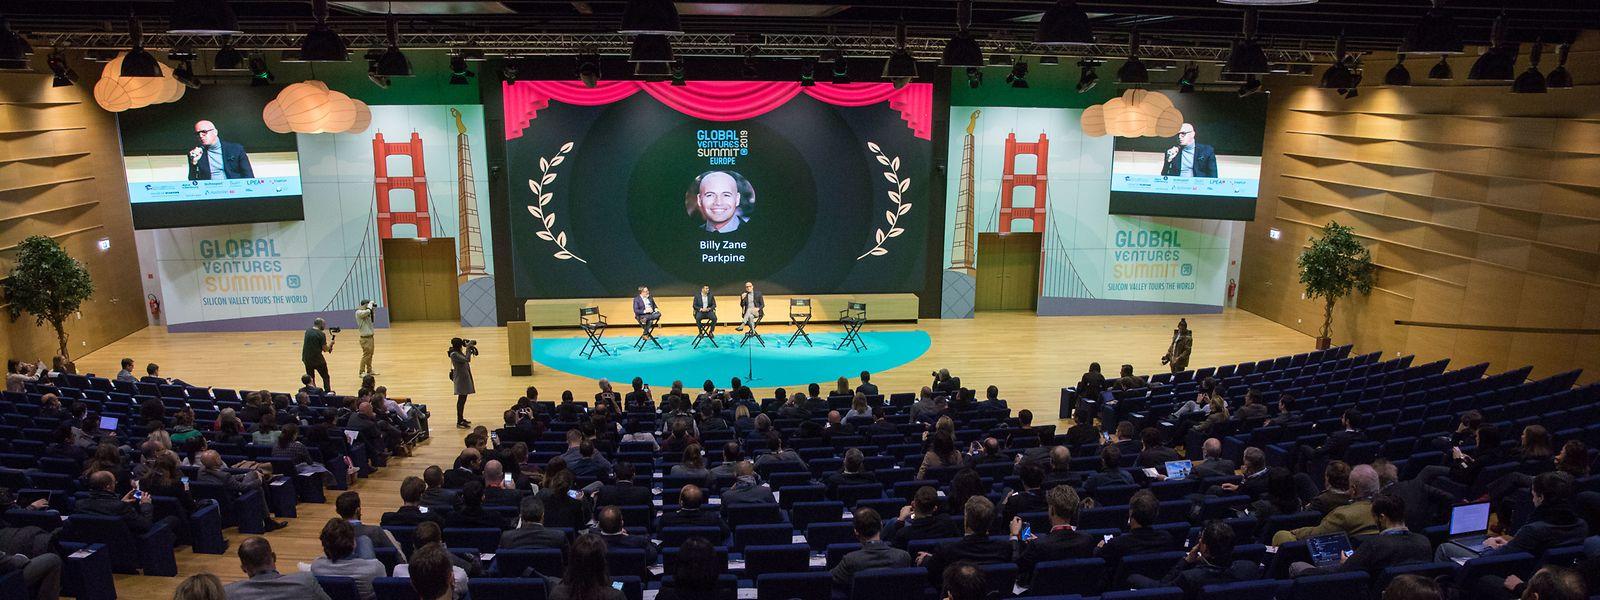 Der Global Ventures Summit fand zum ersten Mal in Europa statt.